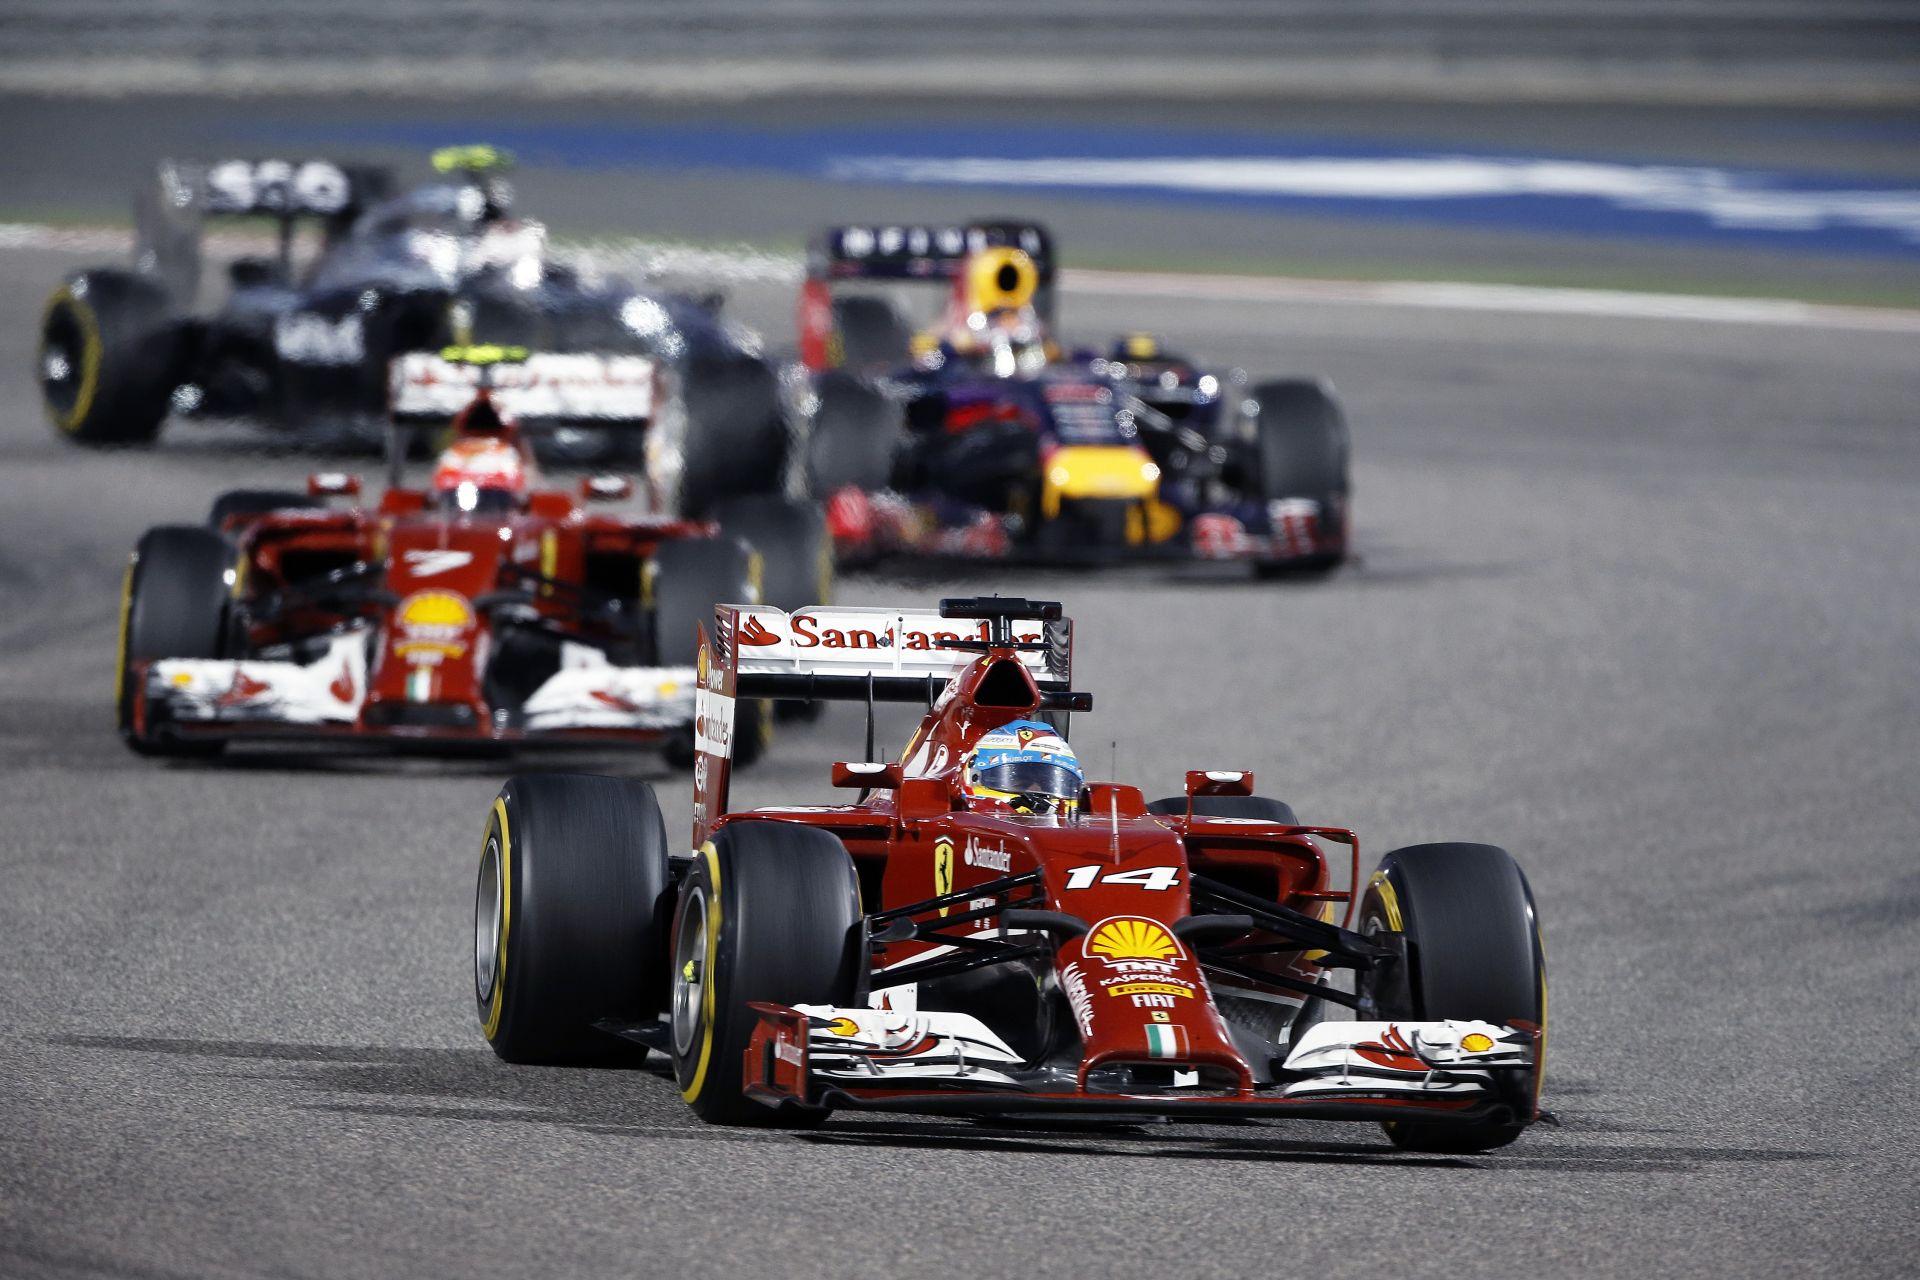 Az Osztrák Nagydíjig semmi kiemelkedőt ne várjunk a Ferraritól?